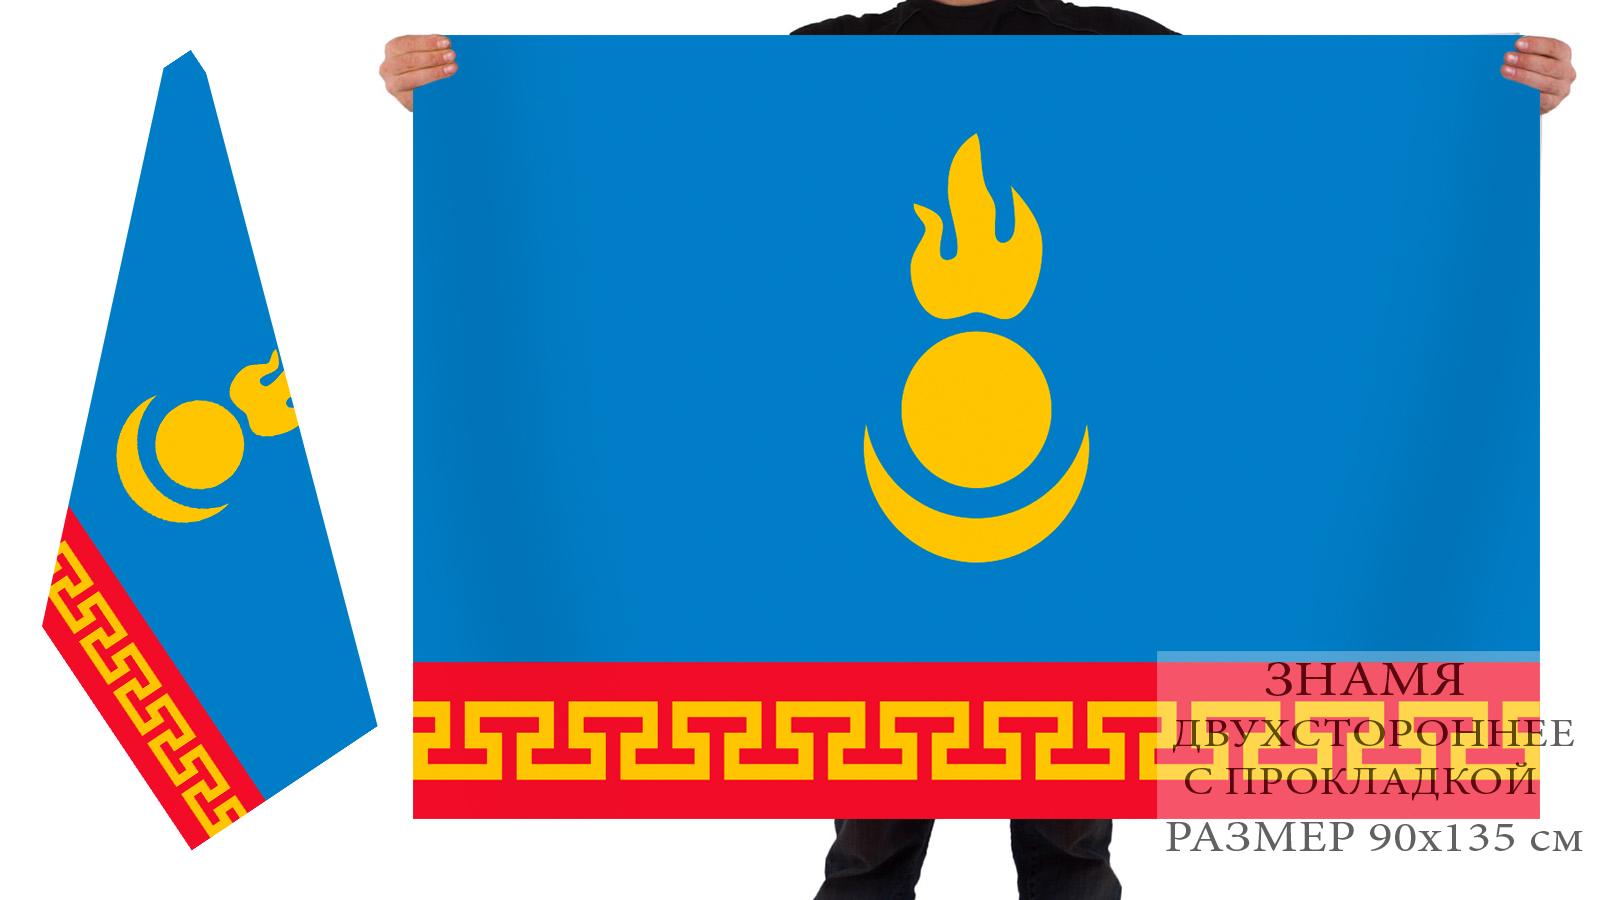 Купить флаг Нукутского района